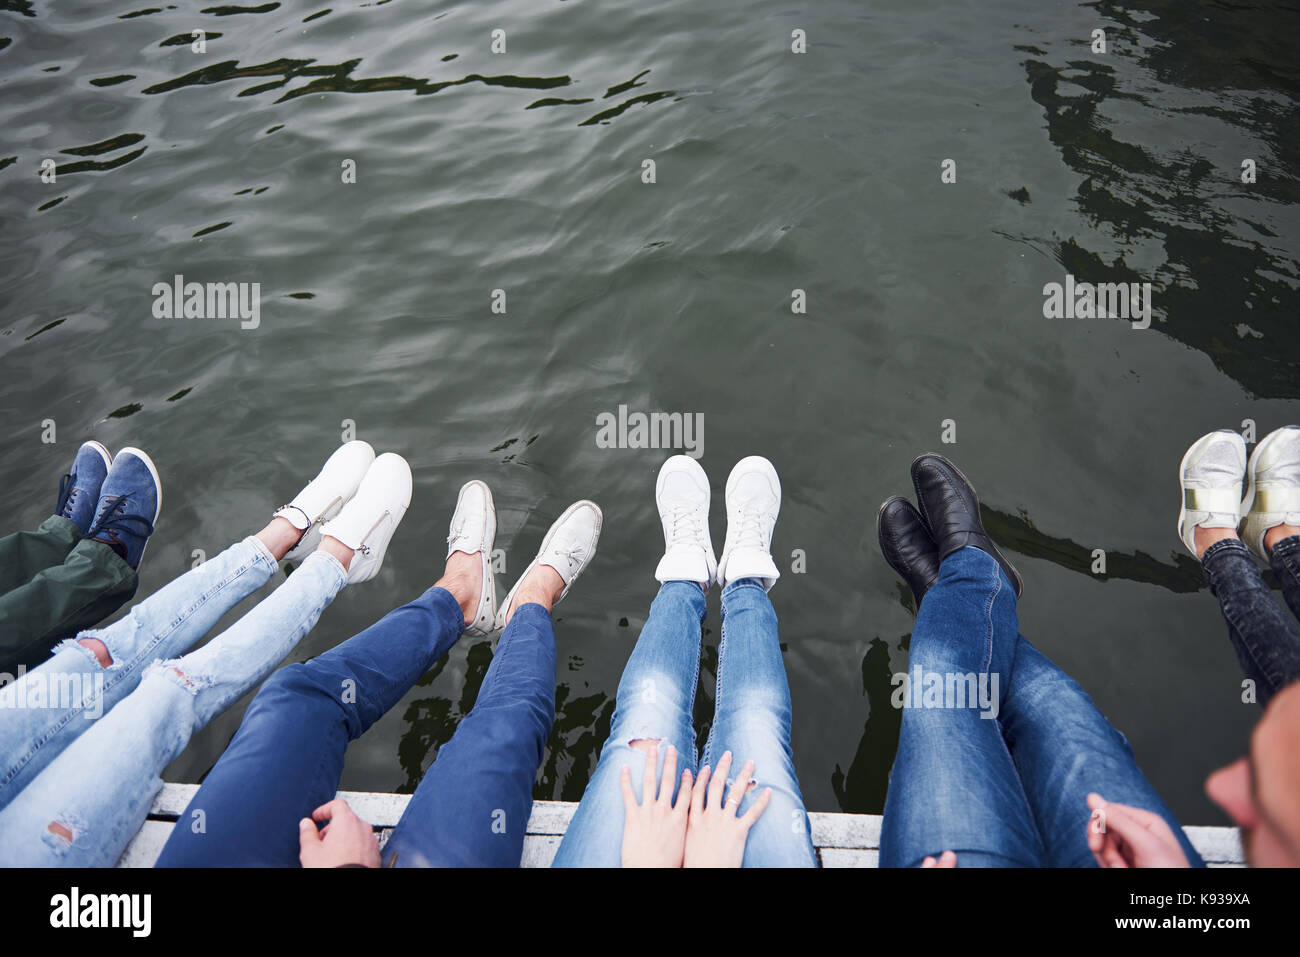 Los jóvenes amigos sentado en el puente del río, estilo de vida, los pies en el agua azul Imagen De Stock